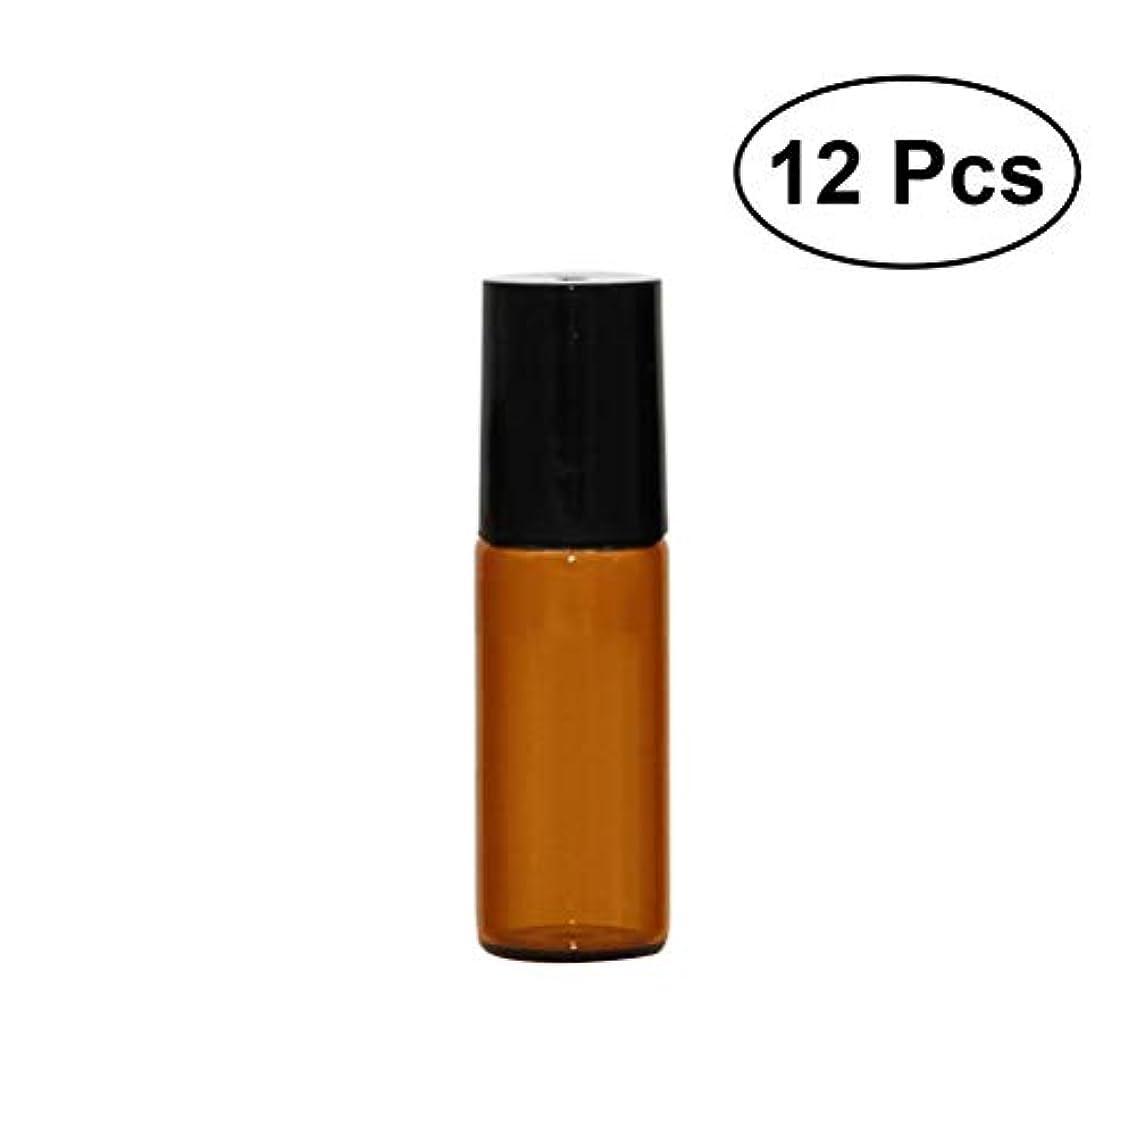 チーフモロニックモール12本セット 5ml ローオンボトル イプ 茶色 香水 精油 遮光瓶 ガラスロールタ小分け用 アロマボトル 保存容器